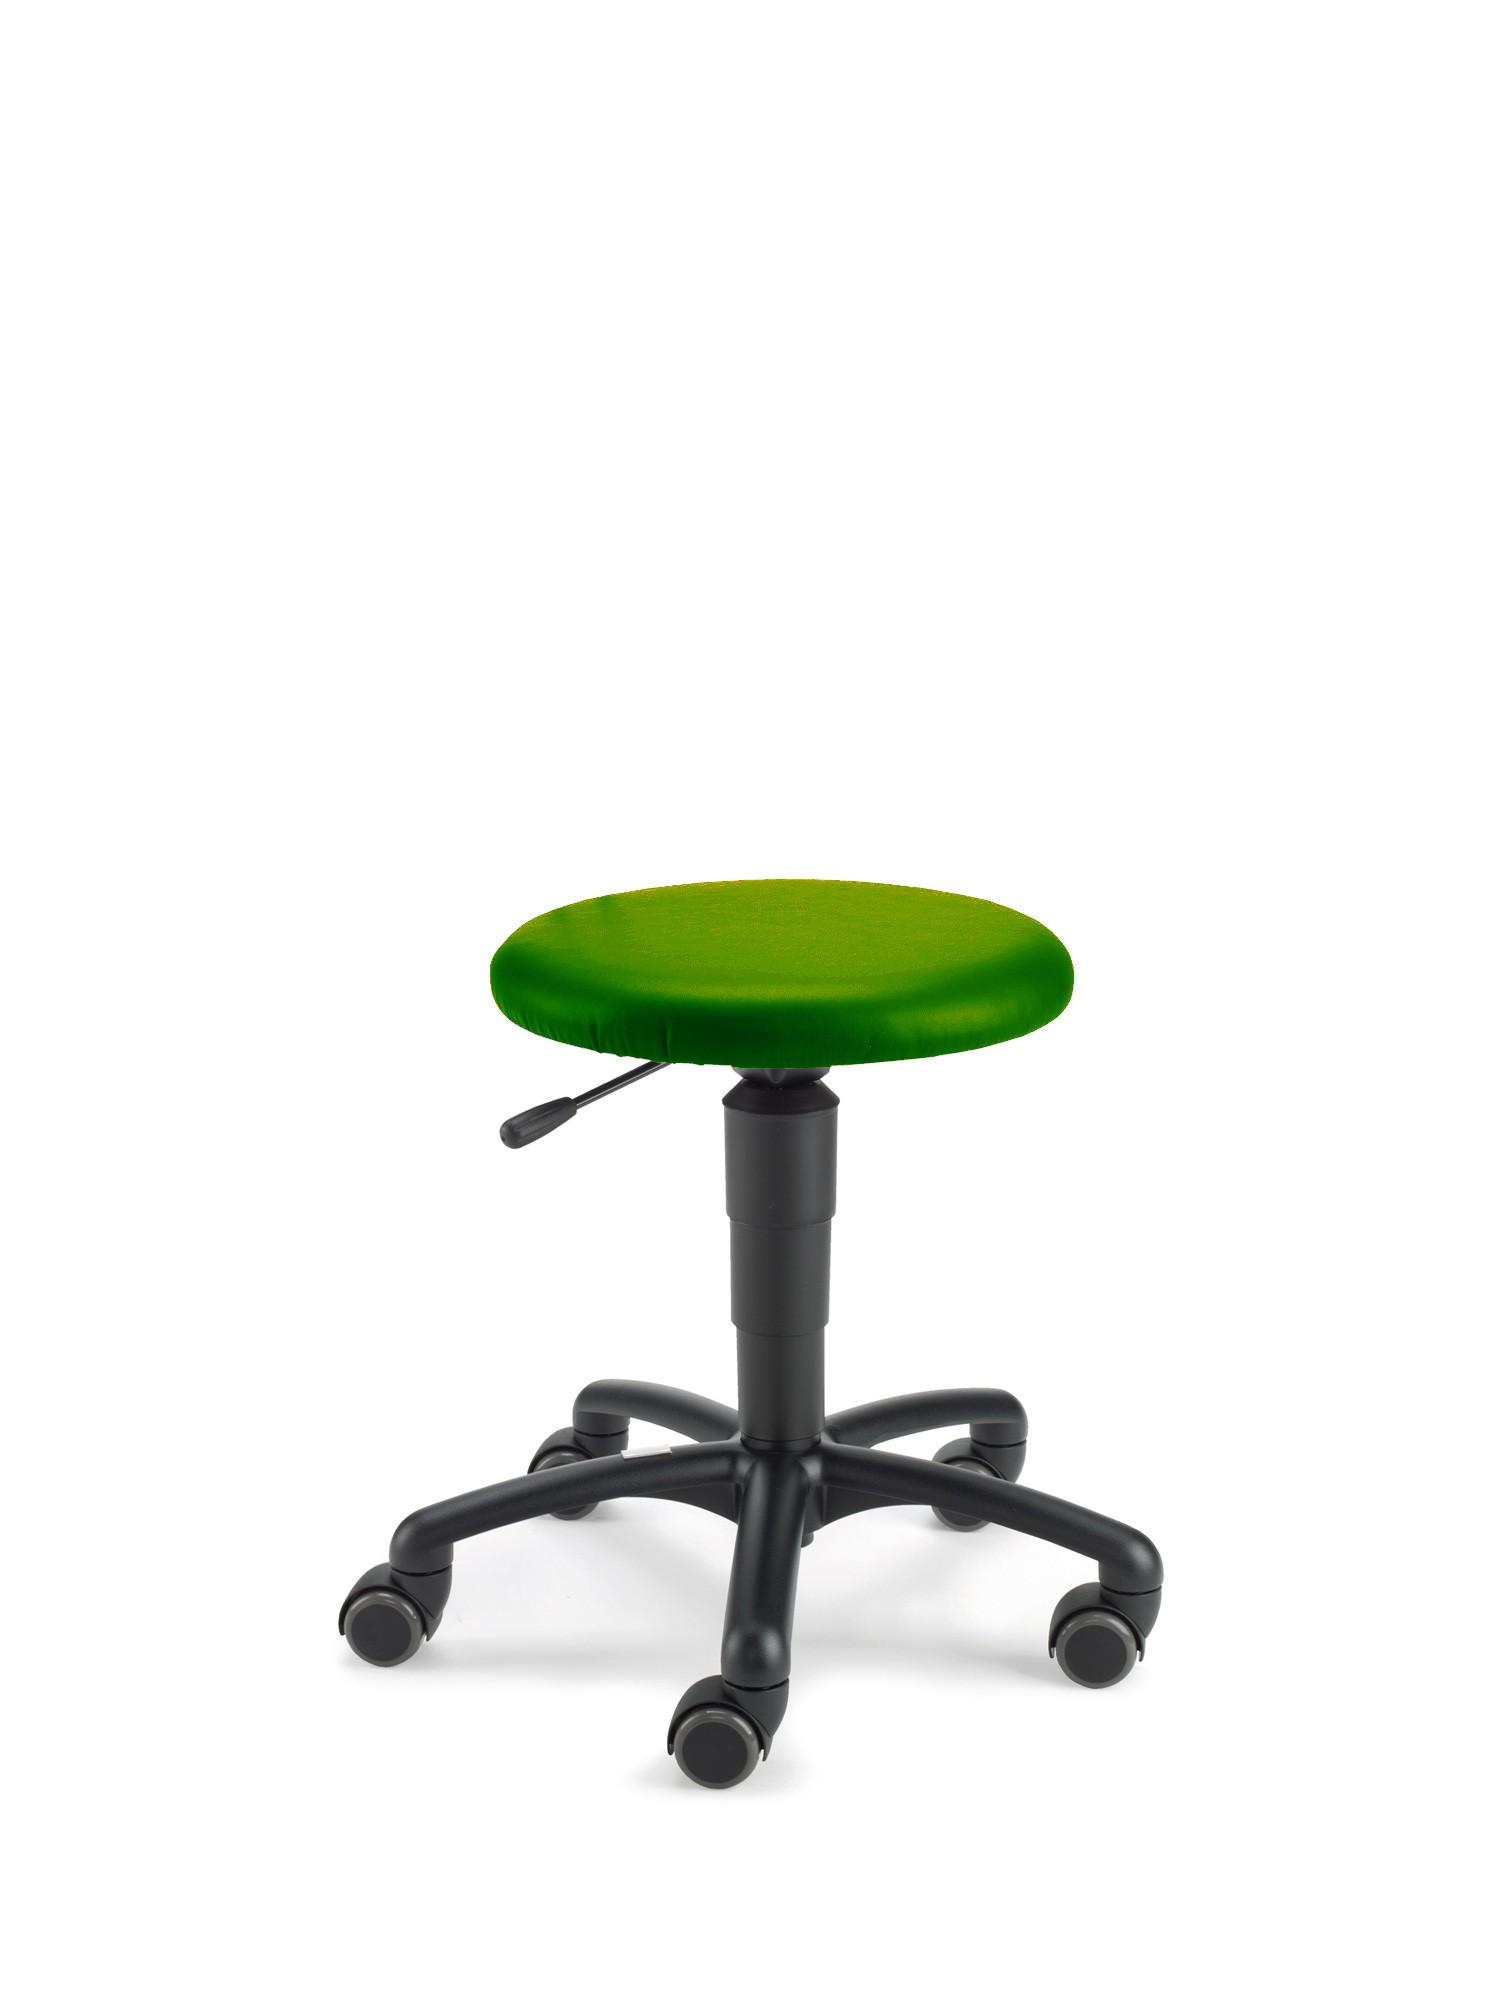 Beispiel mit Kunstlederbezug grün (Farbe nachgestellt)